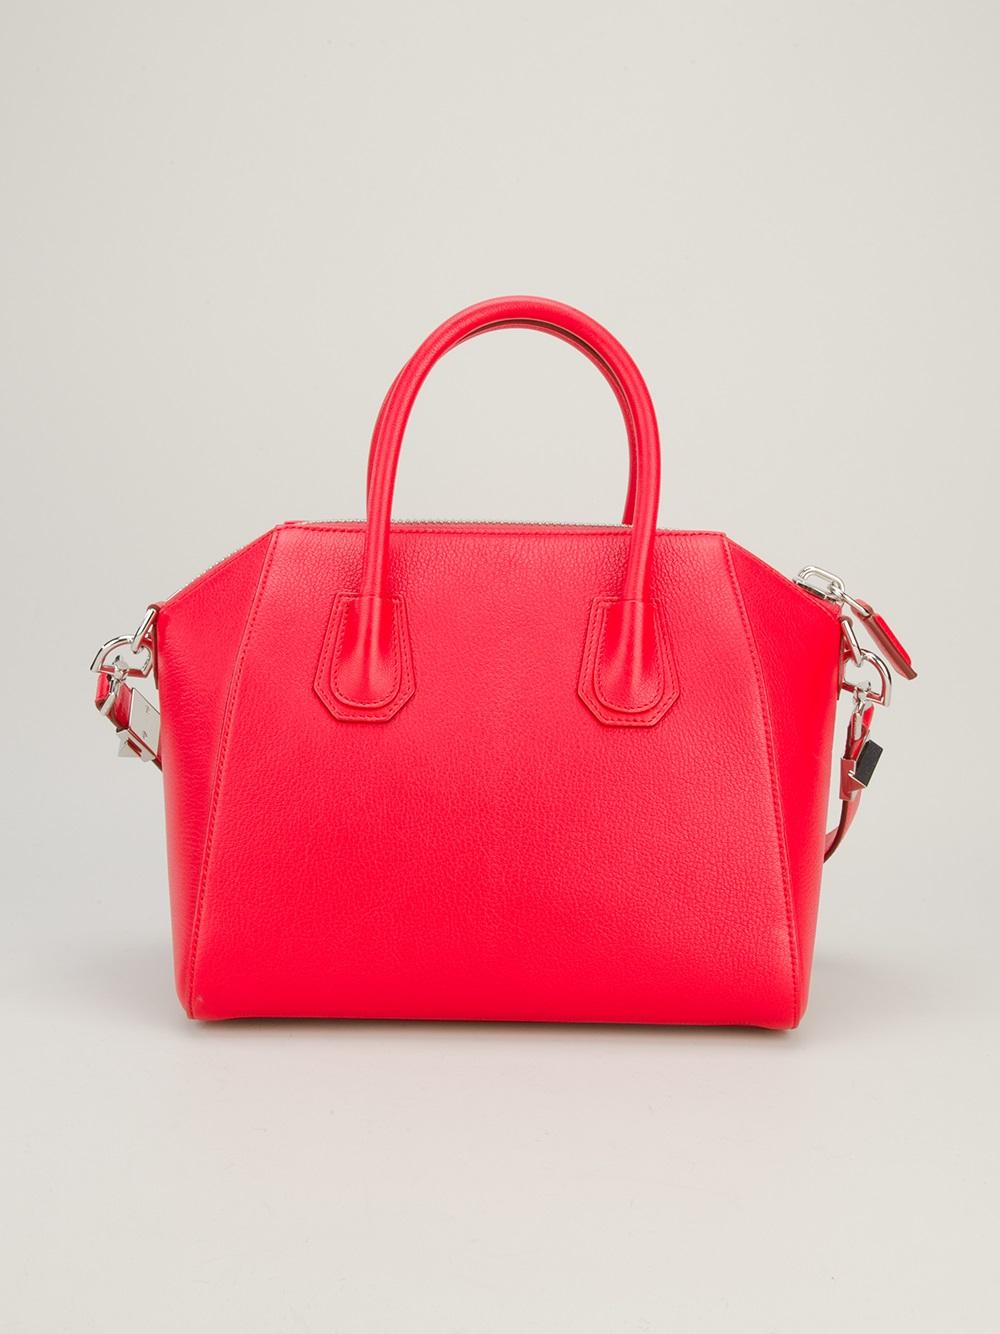 Givenchy Small 'antigona' Tote - Gente Roma - Farfetch.com